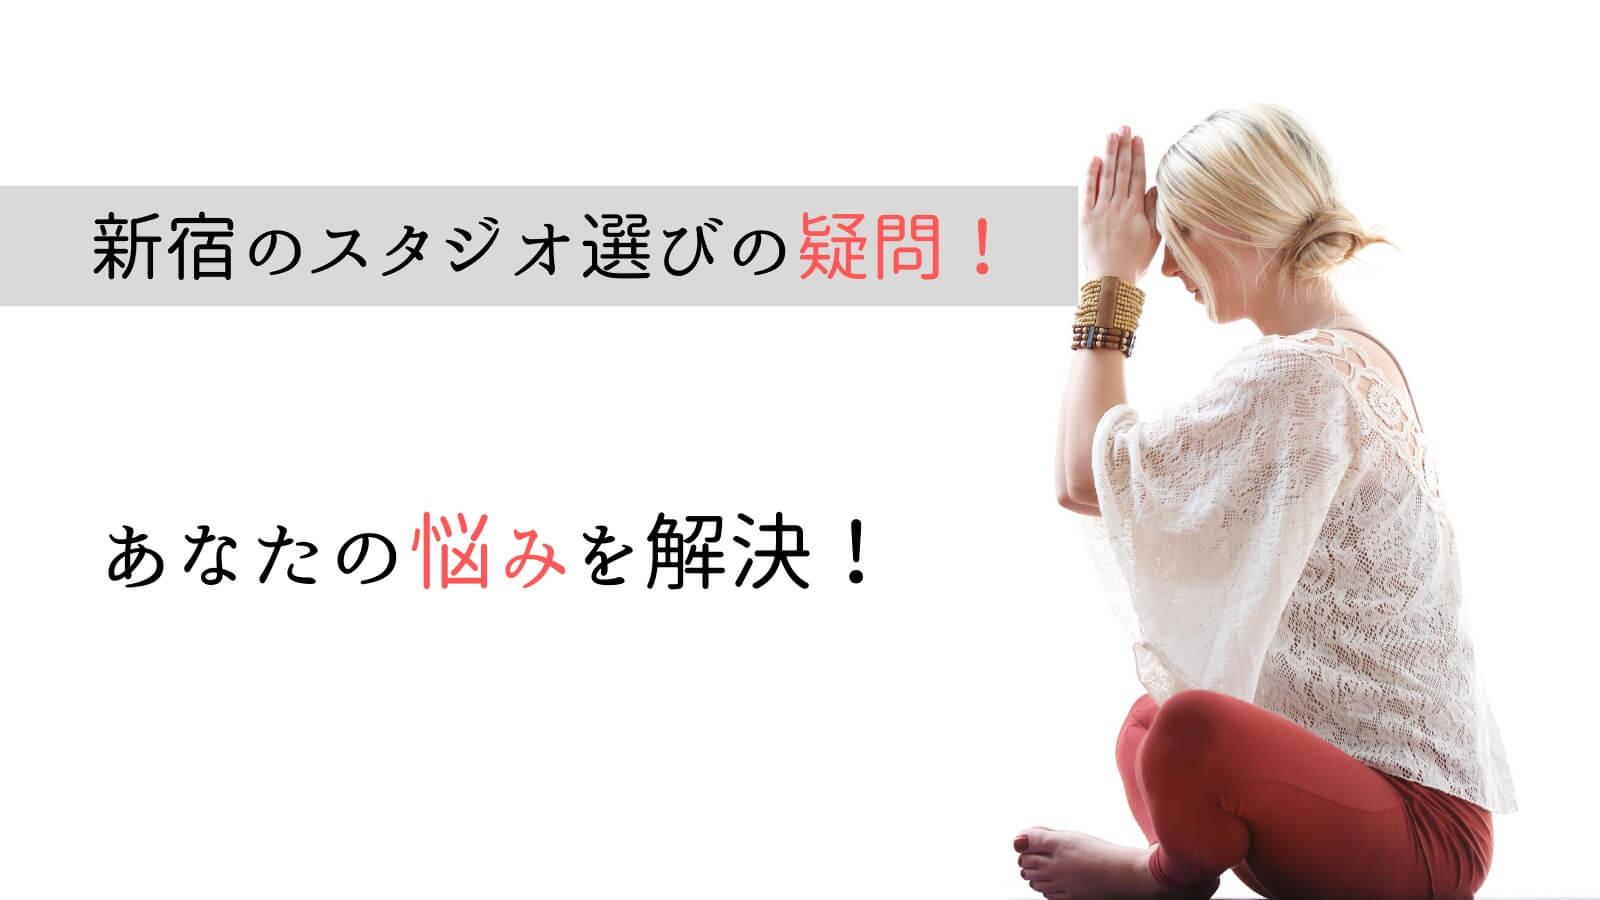 新宿でのホットヨガスタジオ選びに関するQ&A